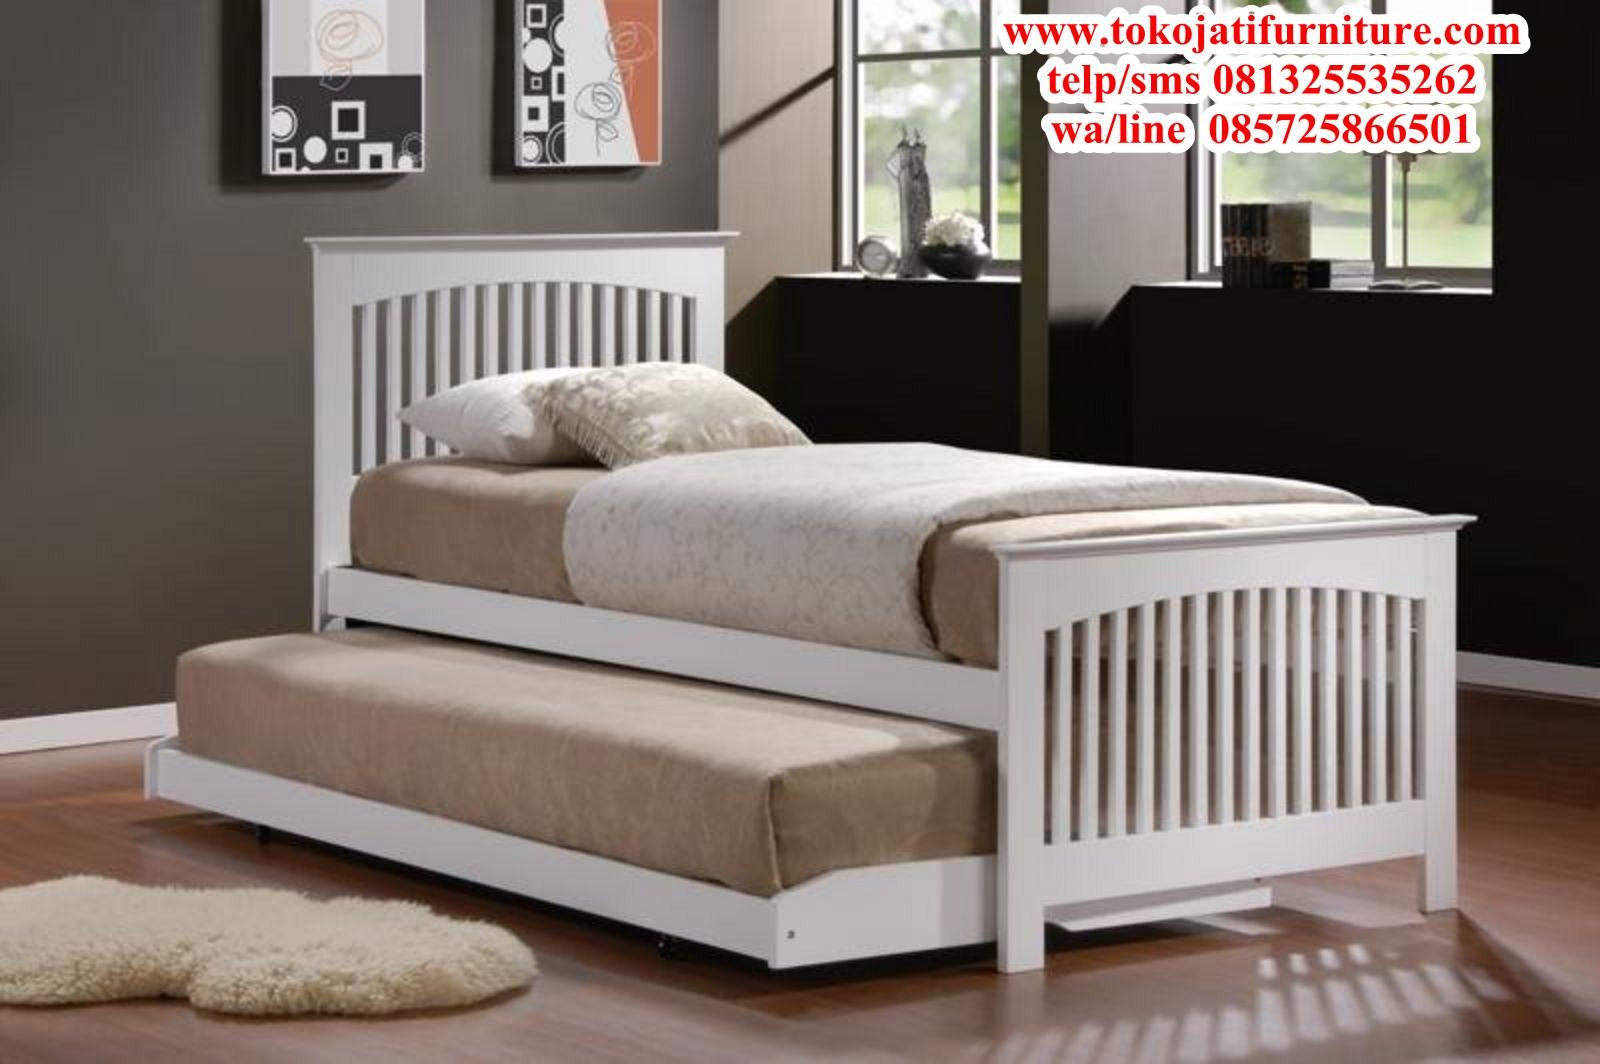 347434_1 tempat tidur anak duco jari